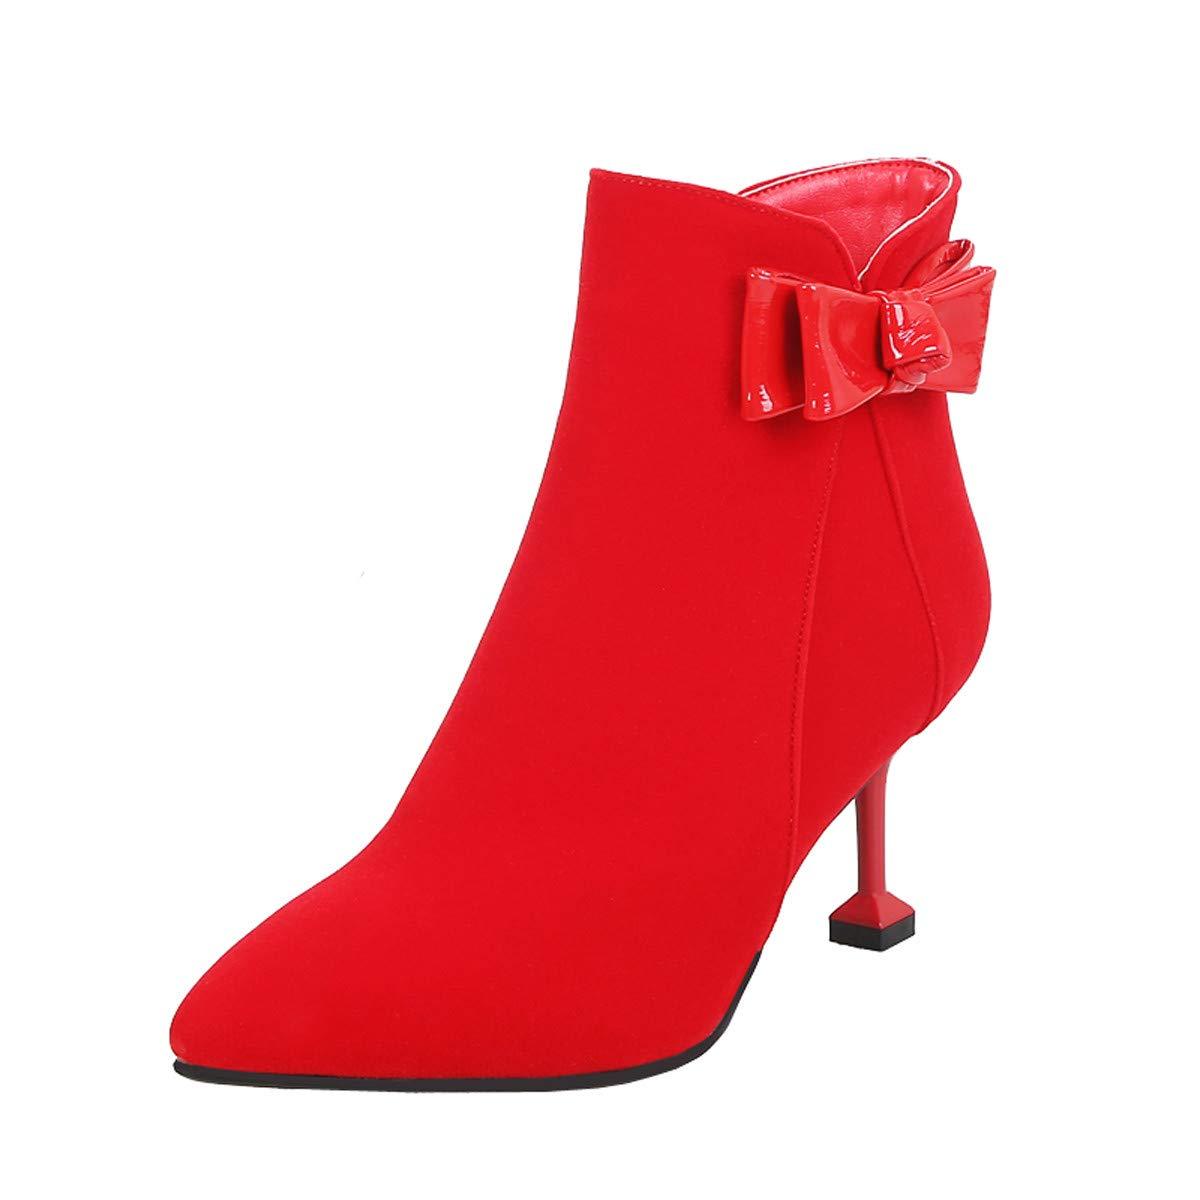 HBDLH Damenschuhe/Rote Schuhe Schuhe Hochzeit Winter Flanell 6 cm Hohen Ferse Die Braut Rote Schuhe Schuhe Schuhe Wein Hochzeit Hochzeit